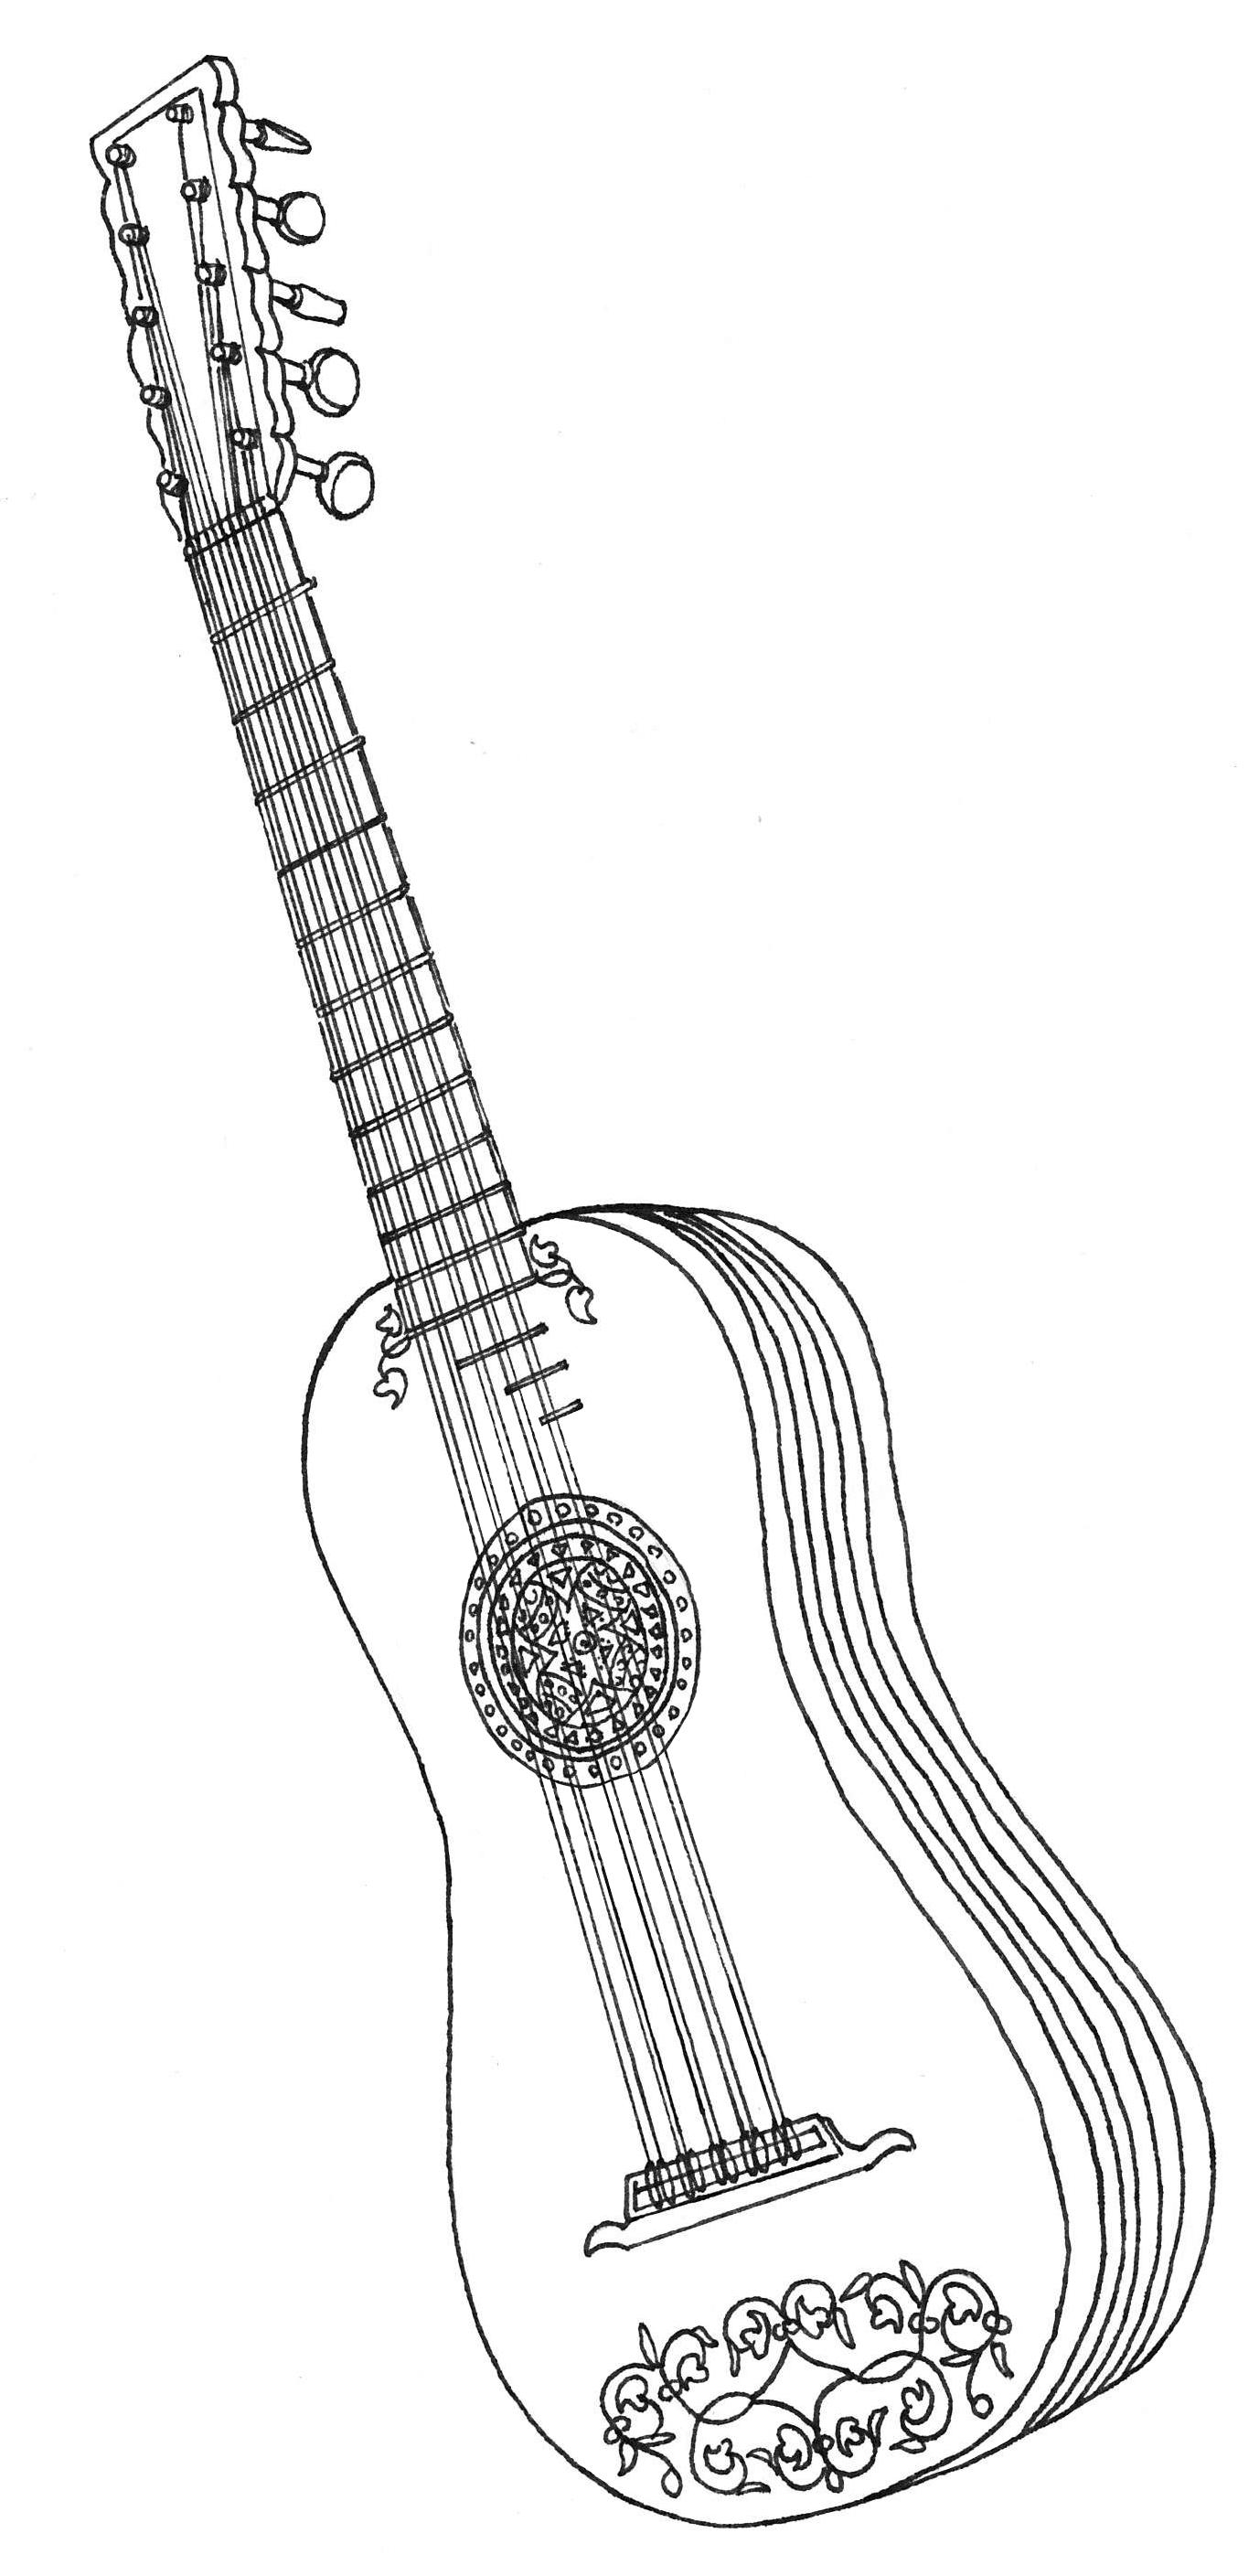 La guitare baroque